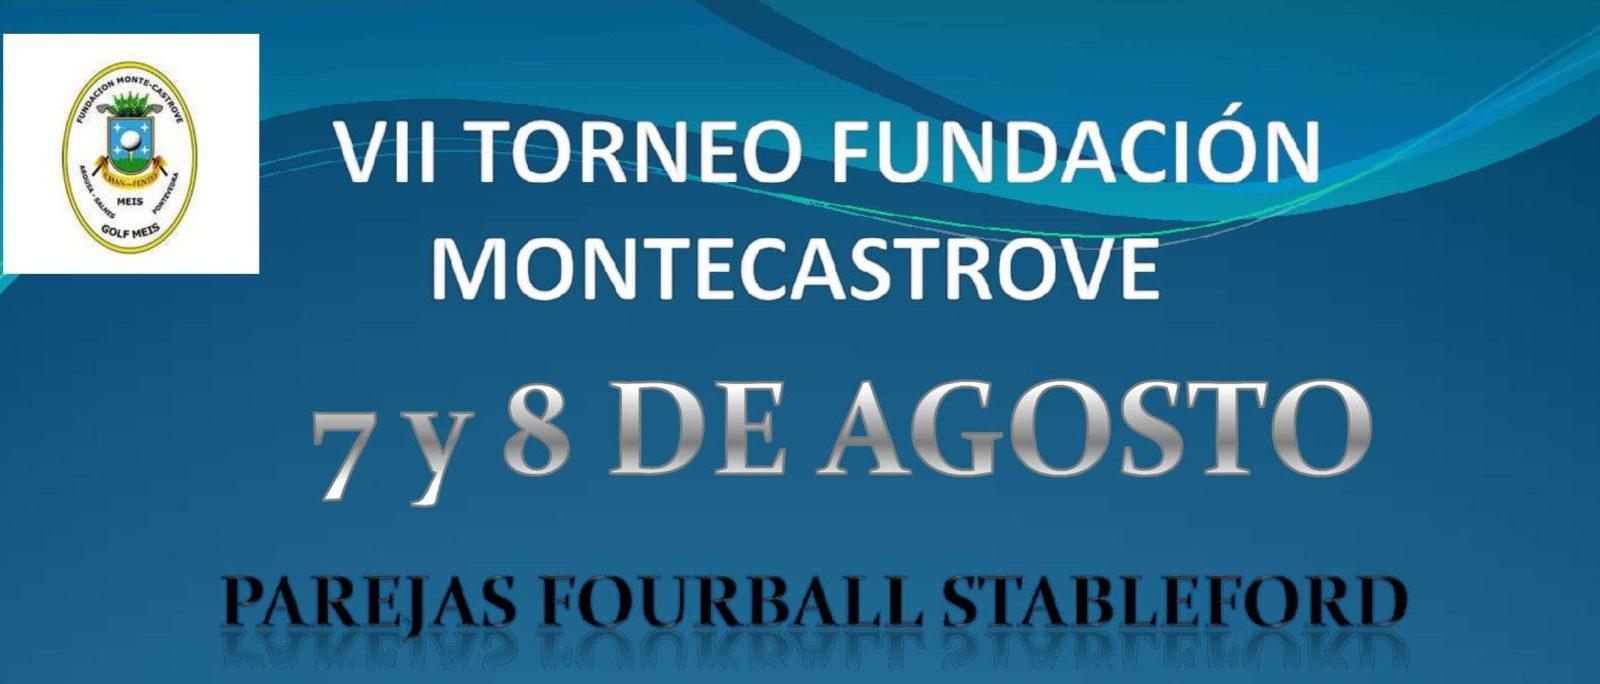 VII TORNEO FUNDACIÓN MONTECASTROVE – 7 Y 8 Agosto